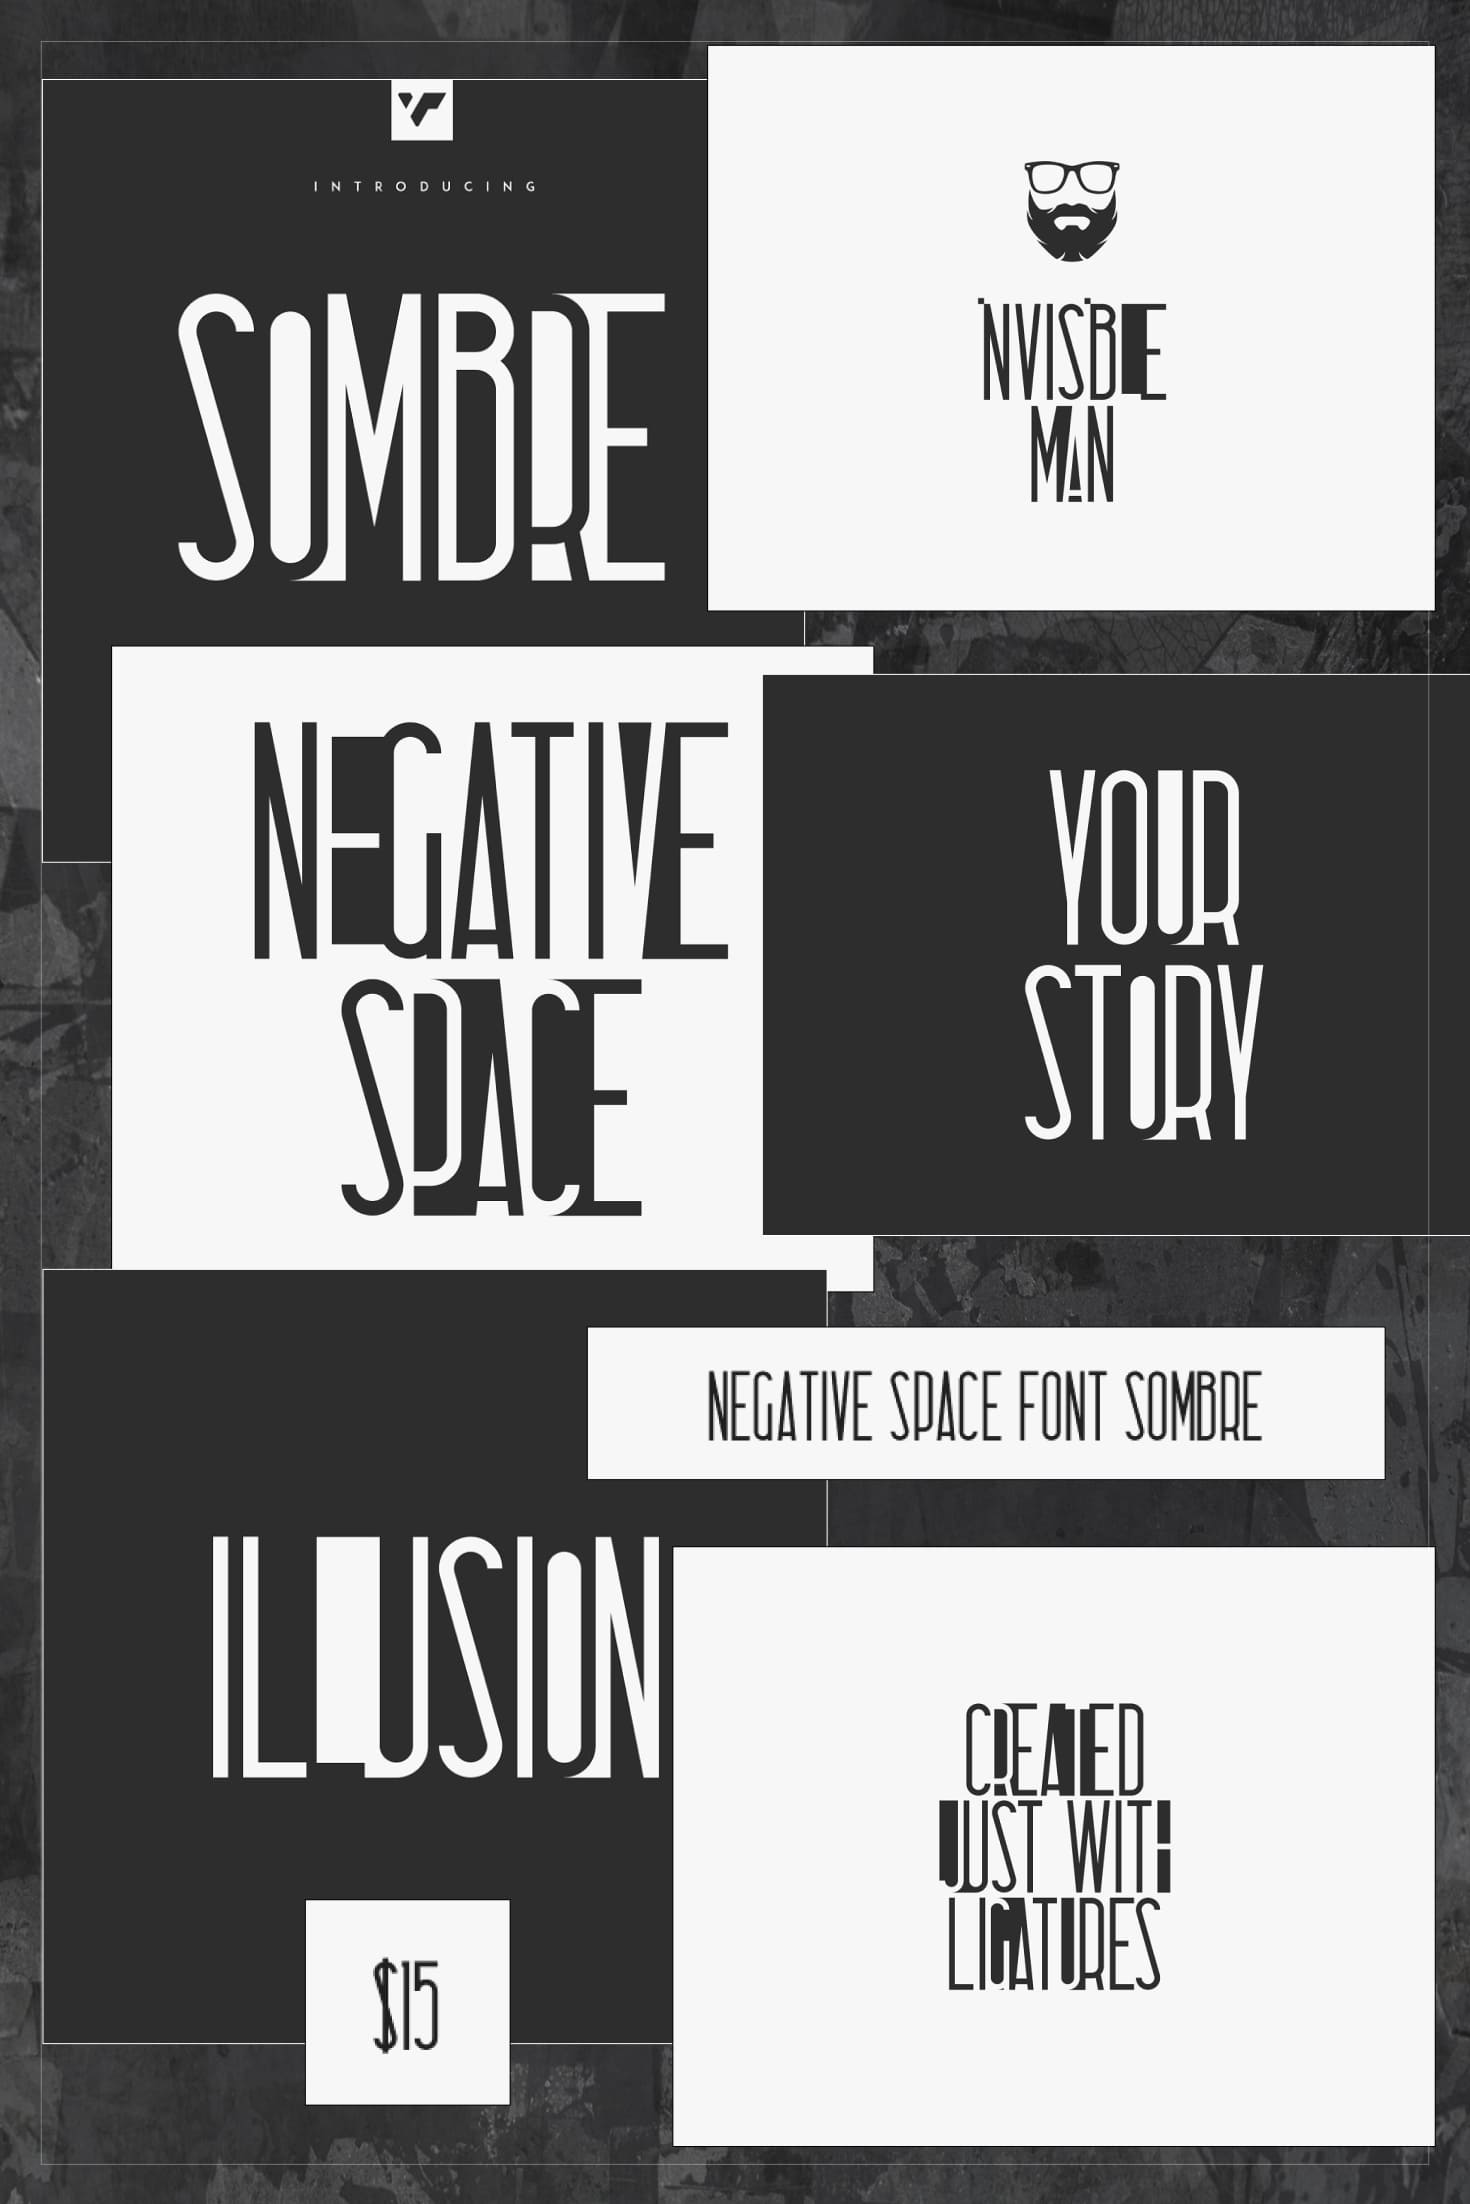 Pinterest Image: Negative Space Font Sombre.